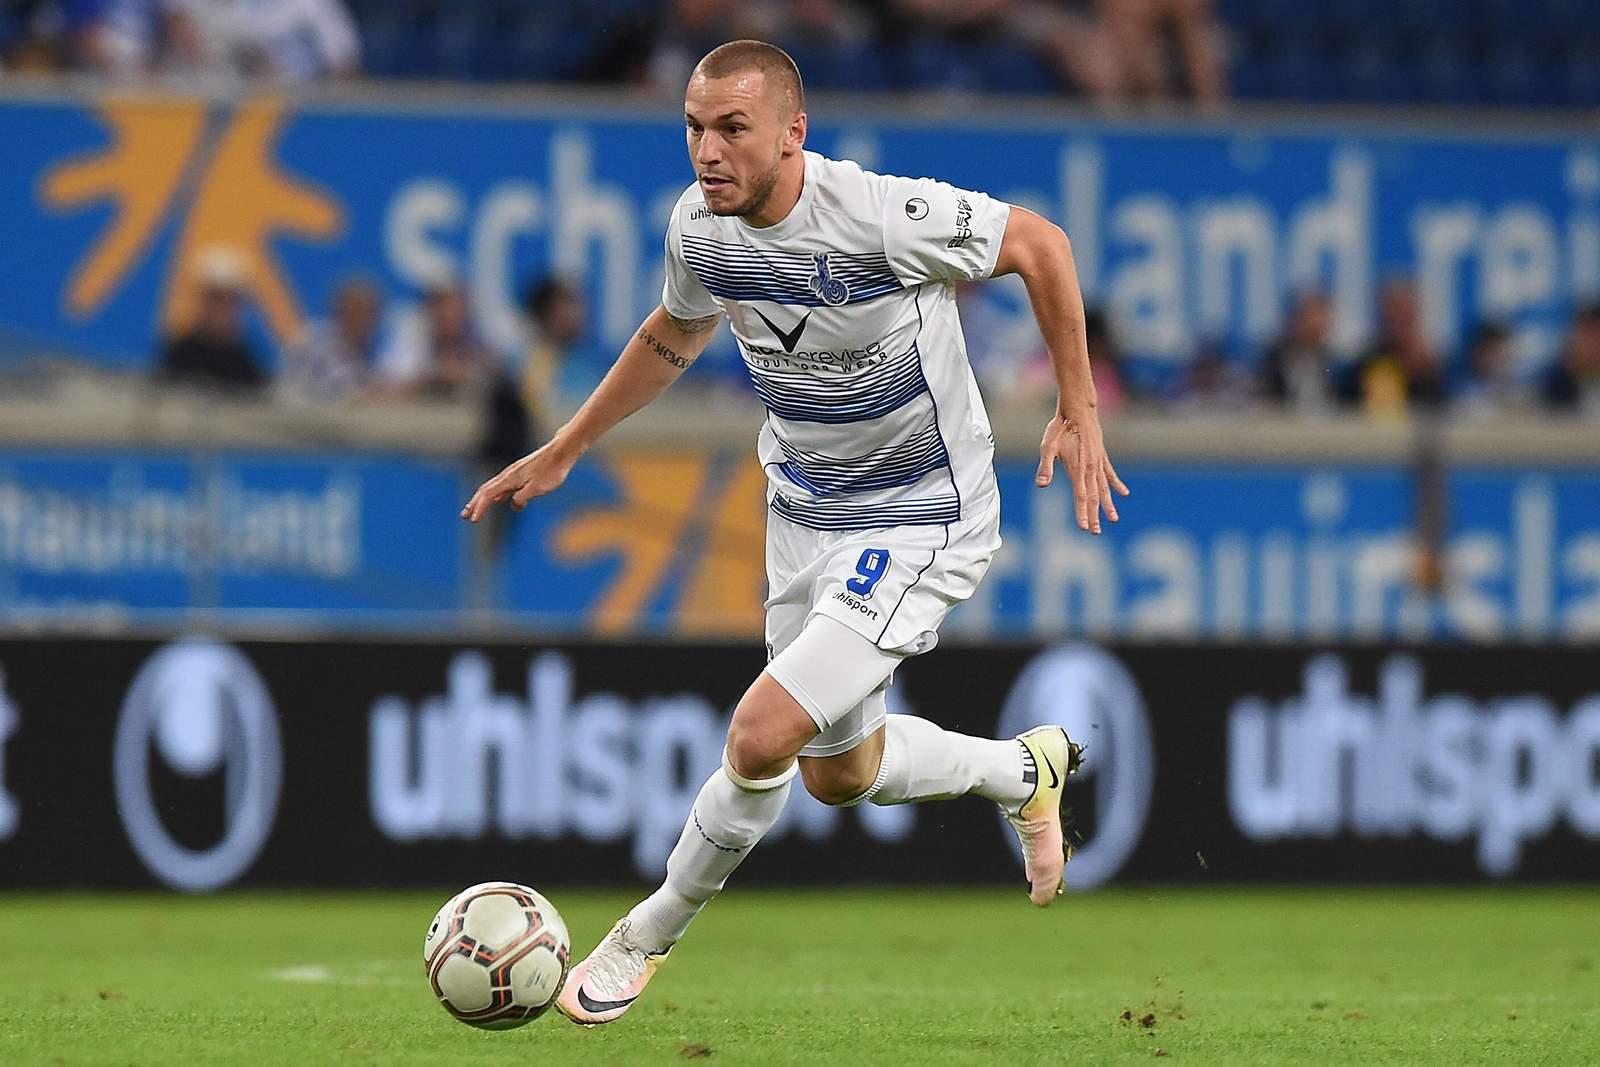 Simon Brandstetter, Stürmer des MSV Duisburg.